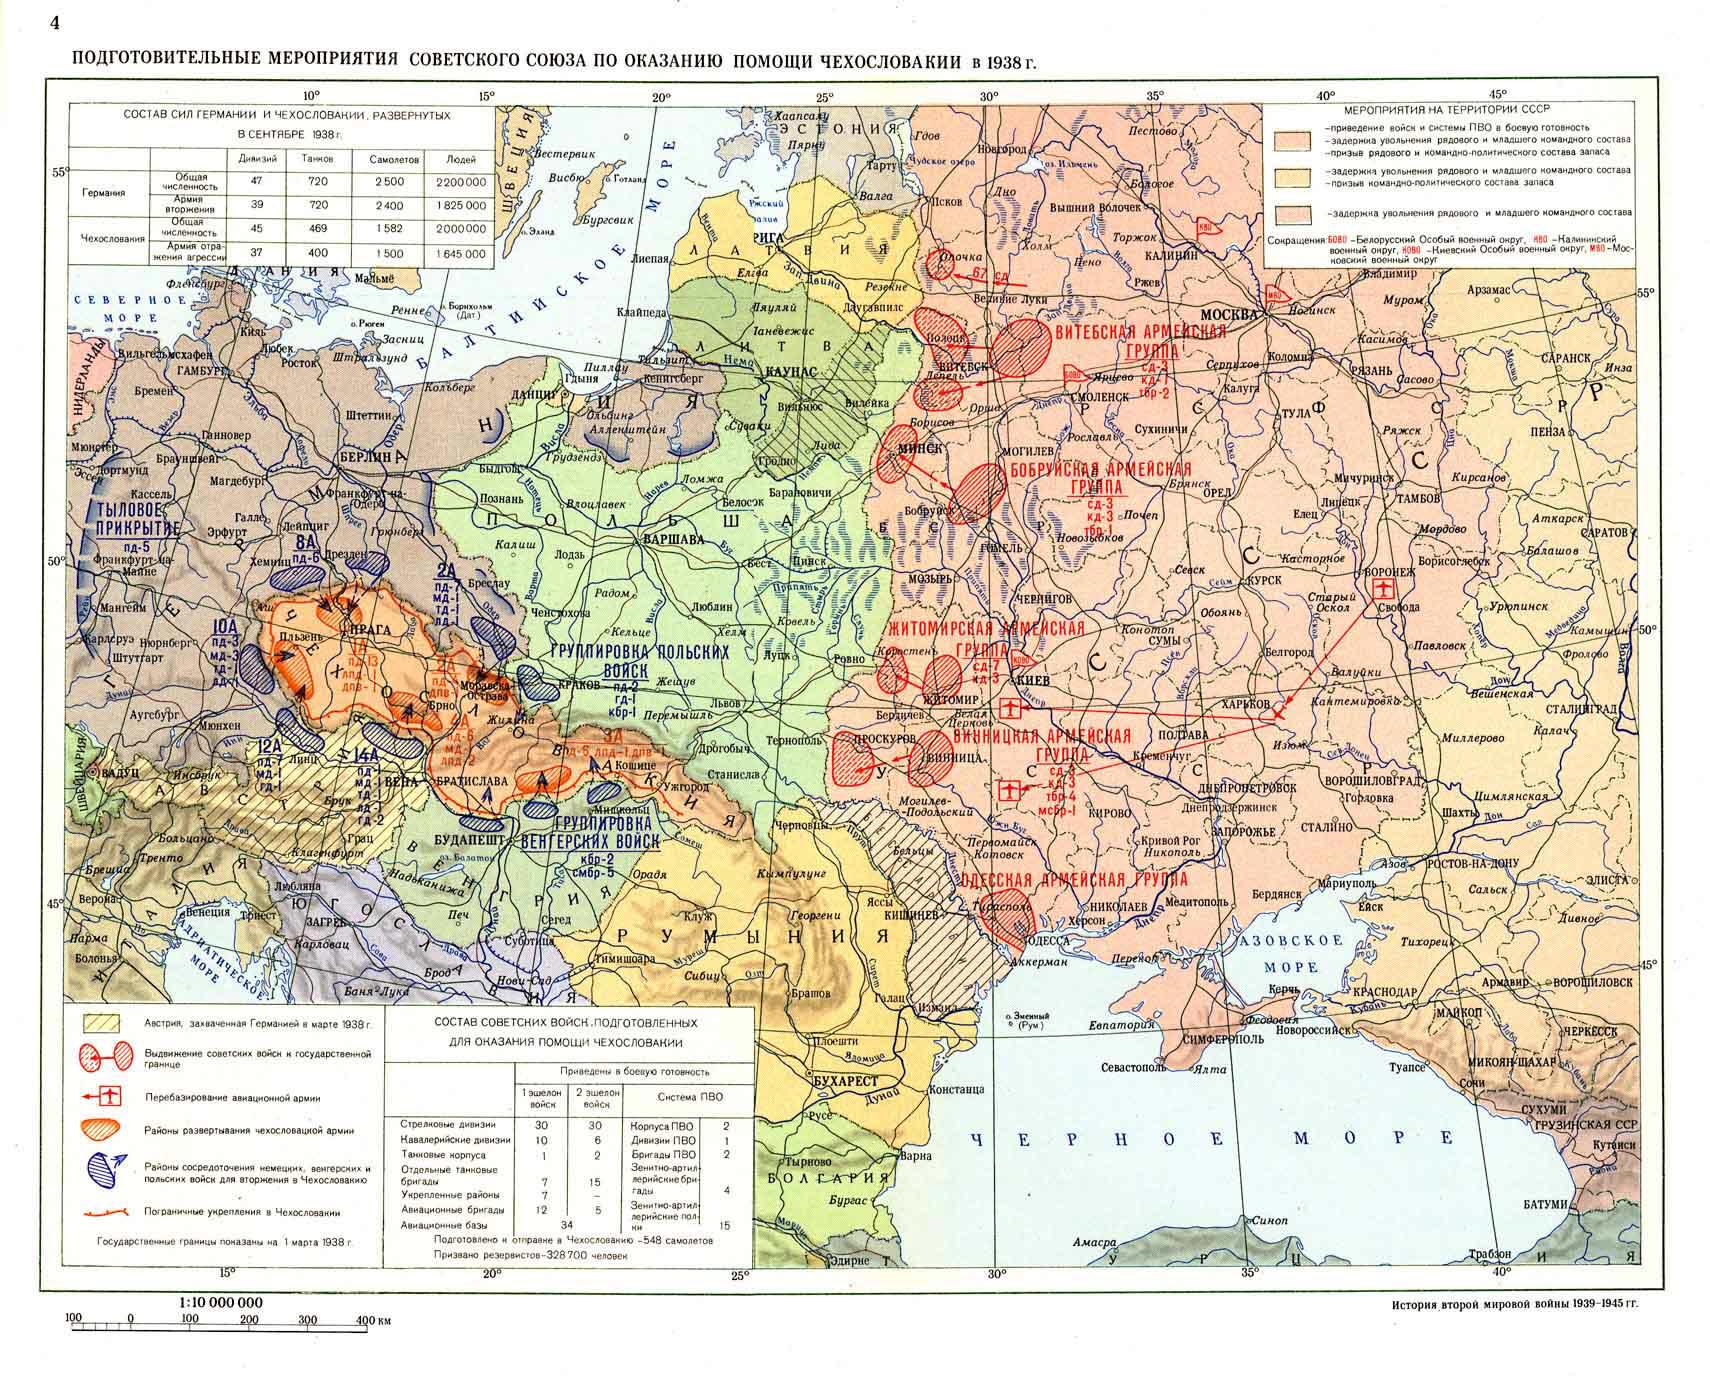 Подготовительные мероприятия Советского Союза для оказания помощи Чехословакии в 1938 г.